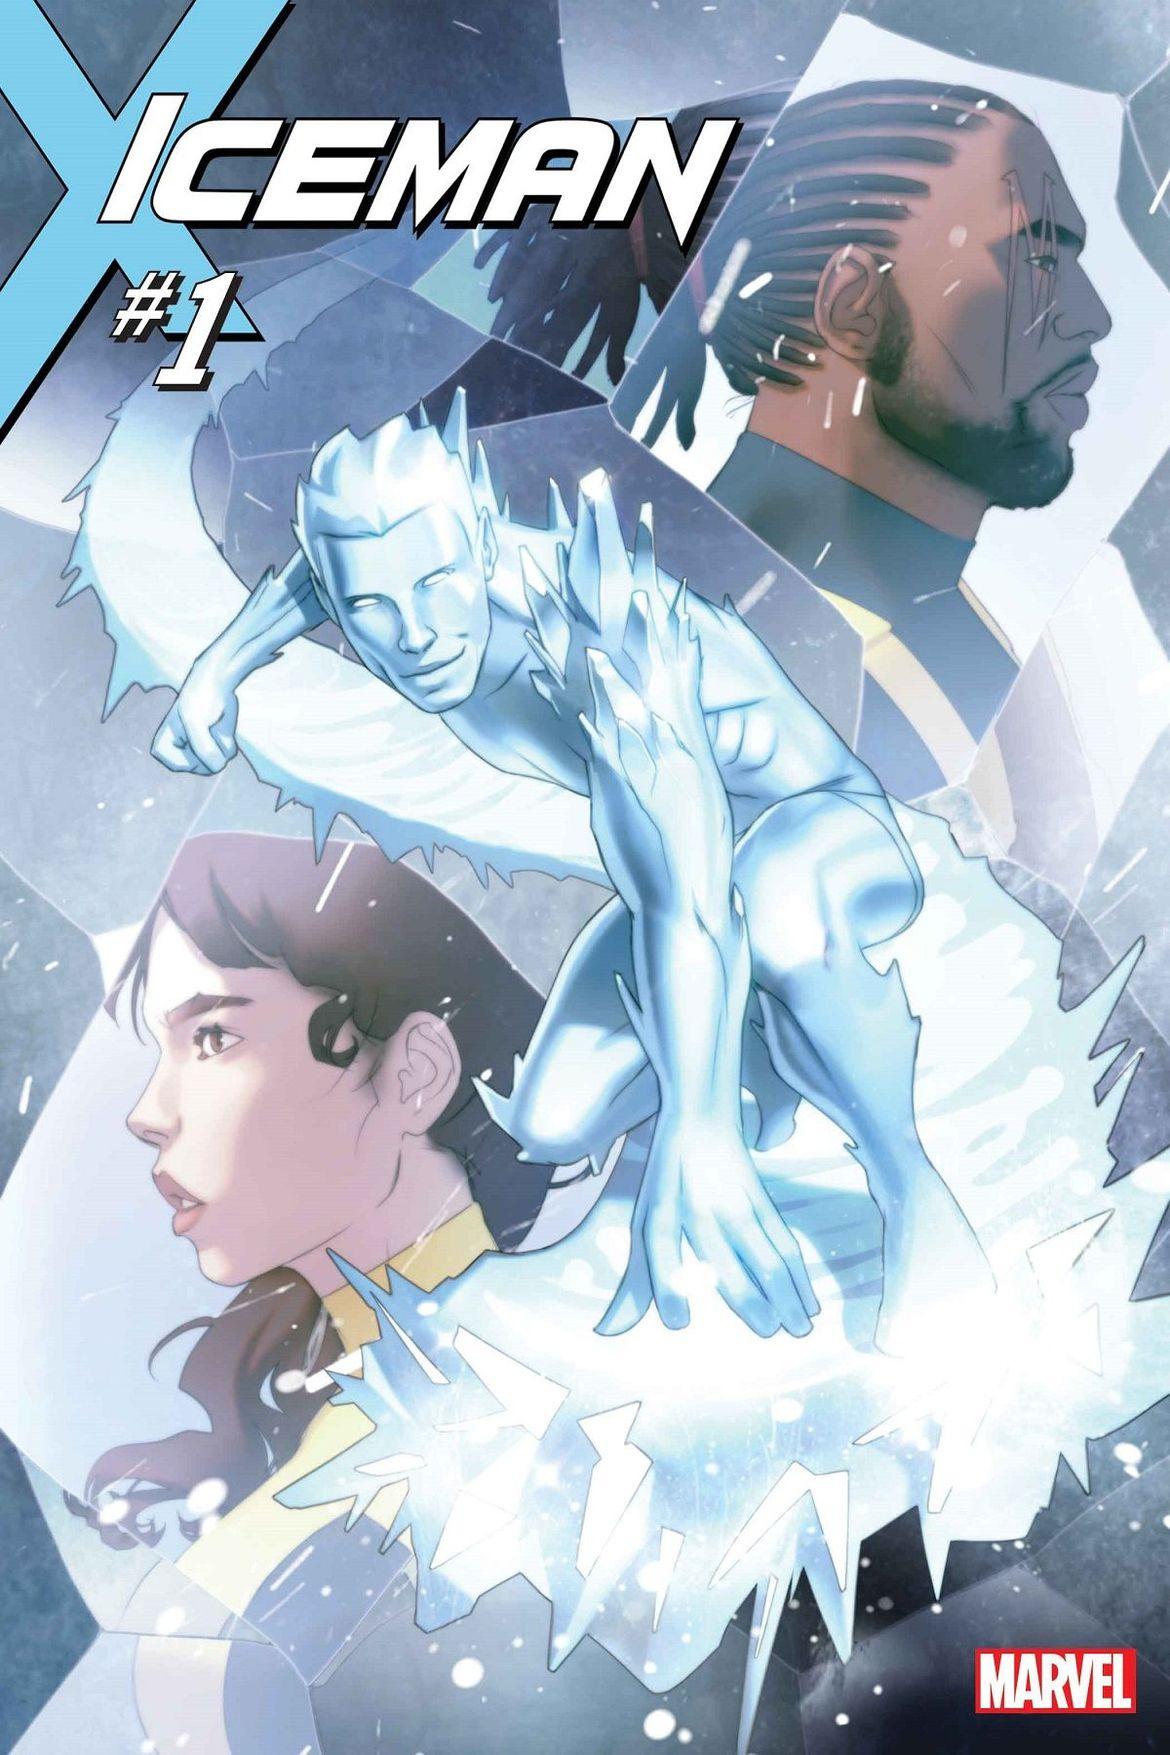 Iceman #1 Full Cover - Marvel